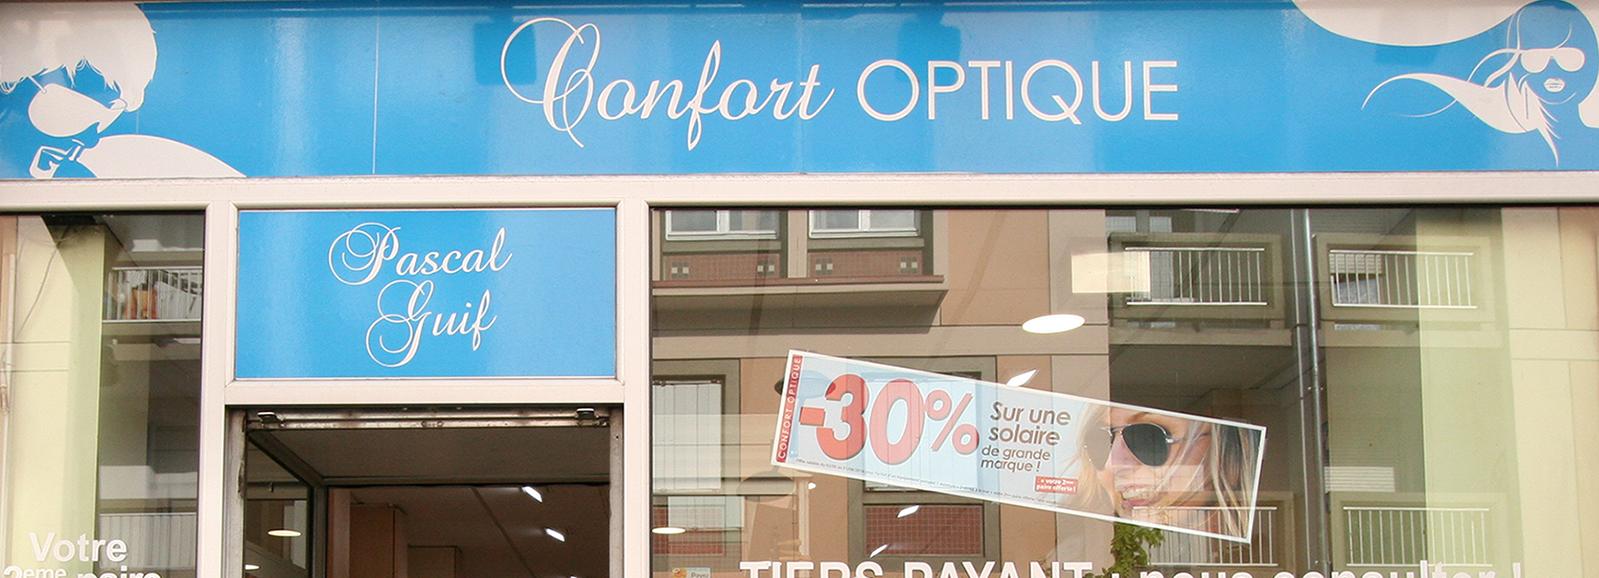 magasin confort optique aulnay sous bois façade